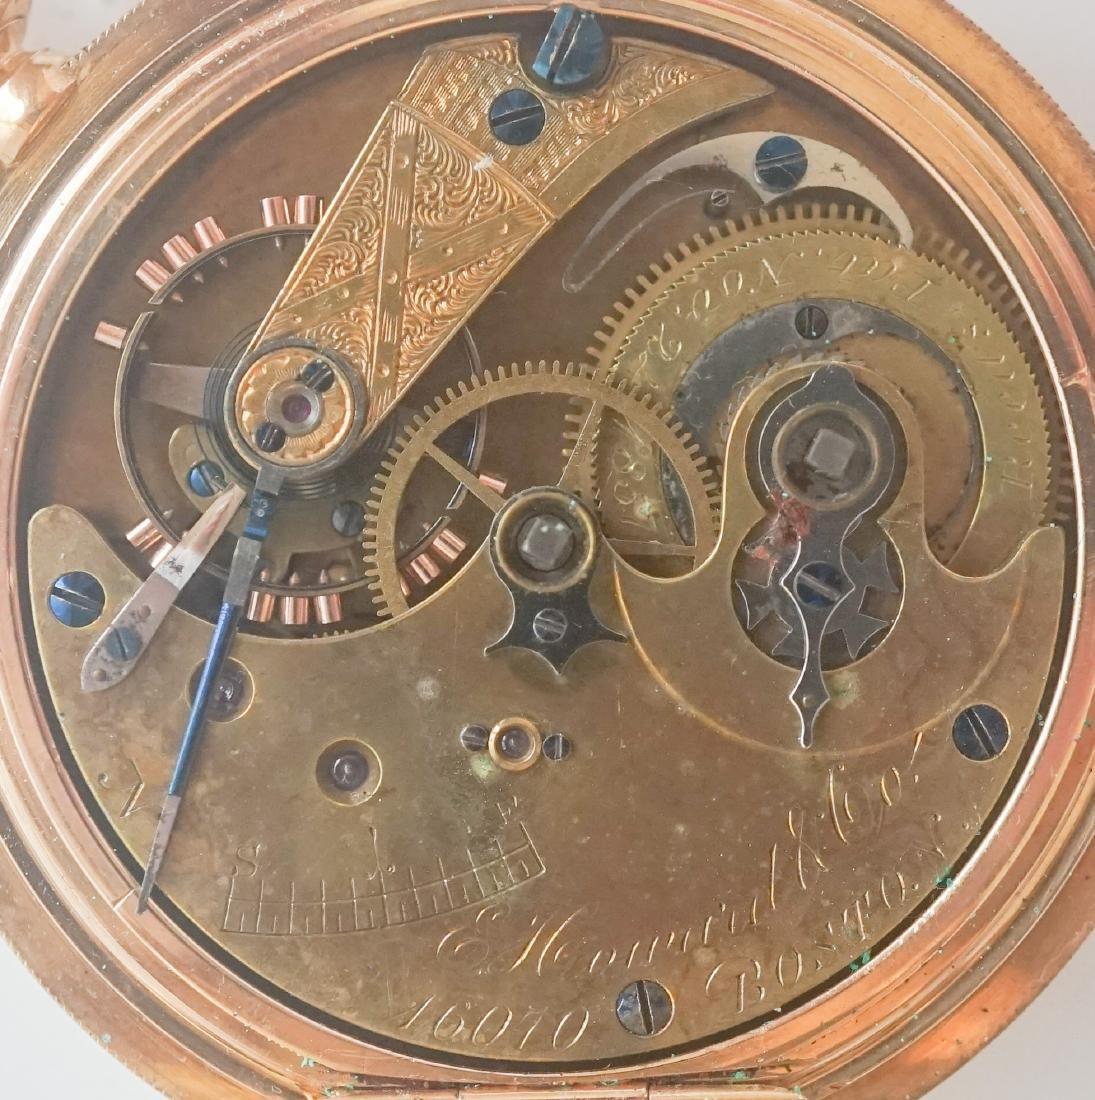 E. Howard & Co. 18K Key Wind Pocket Watch, Size 18 - 2